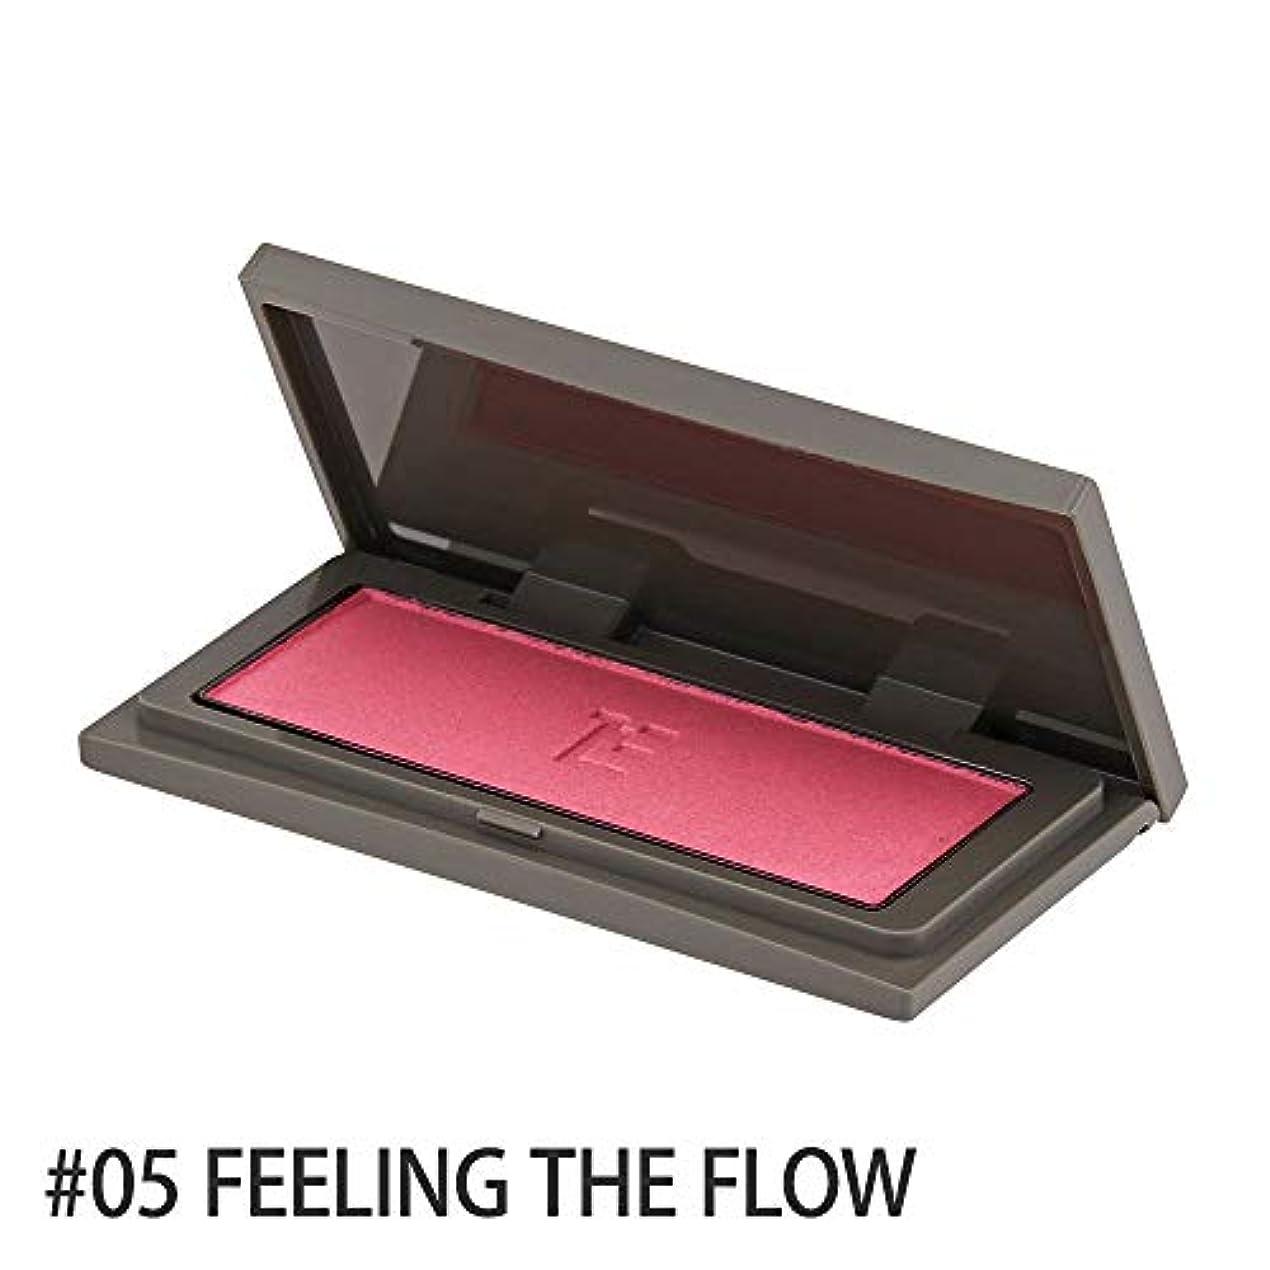 ビルマブラウズスリー(THREE) チーキーシークブラッシュ #05 FEELING THE FLOW[並行輸入品]